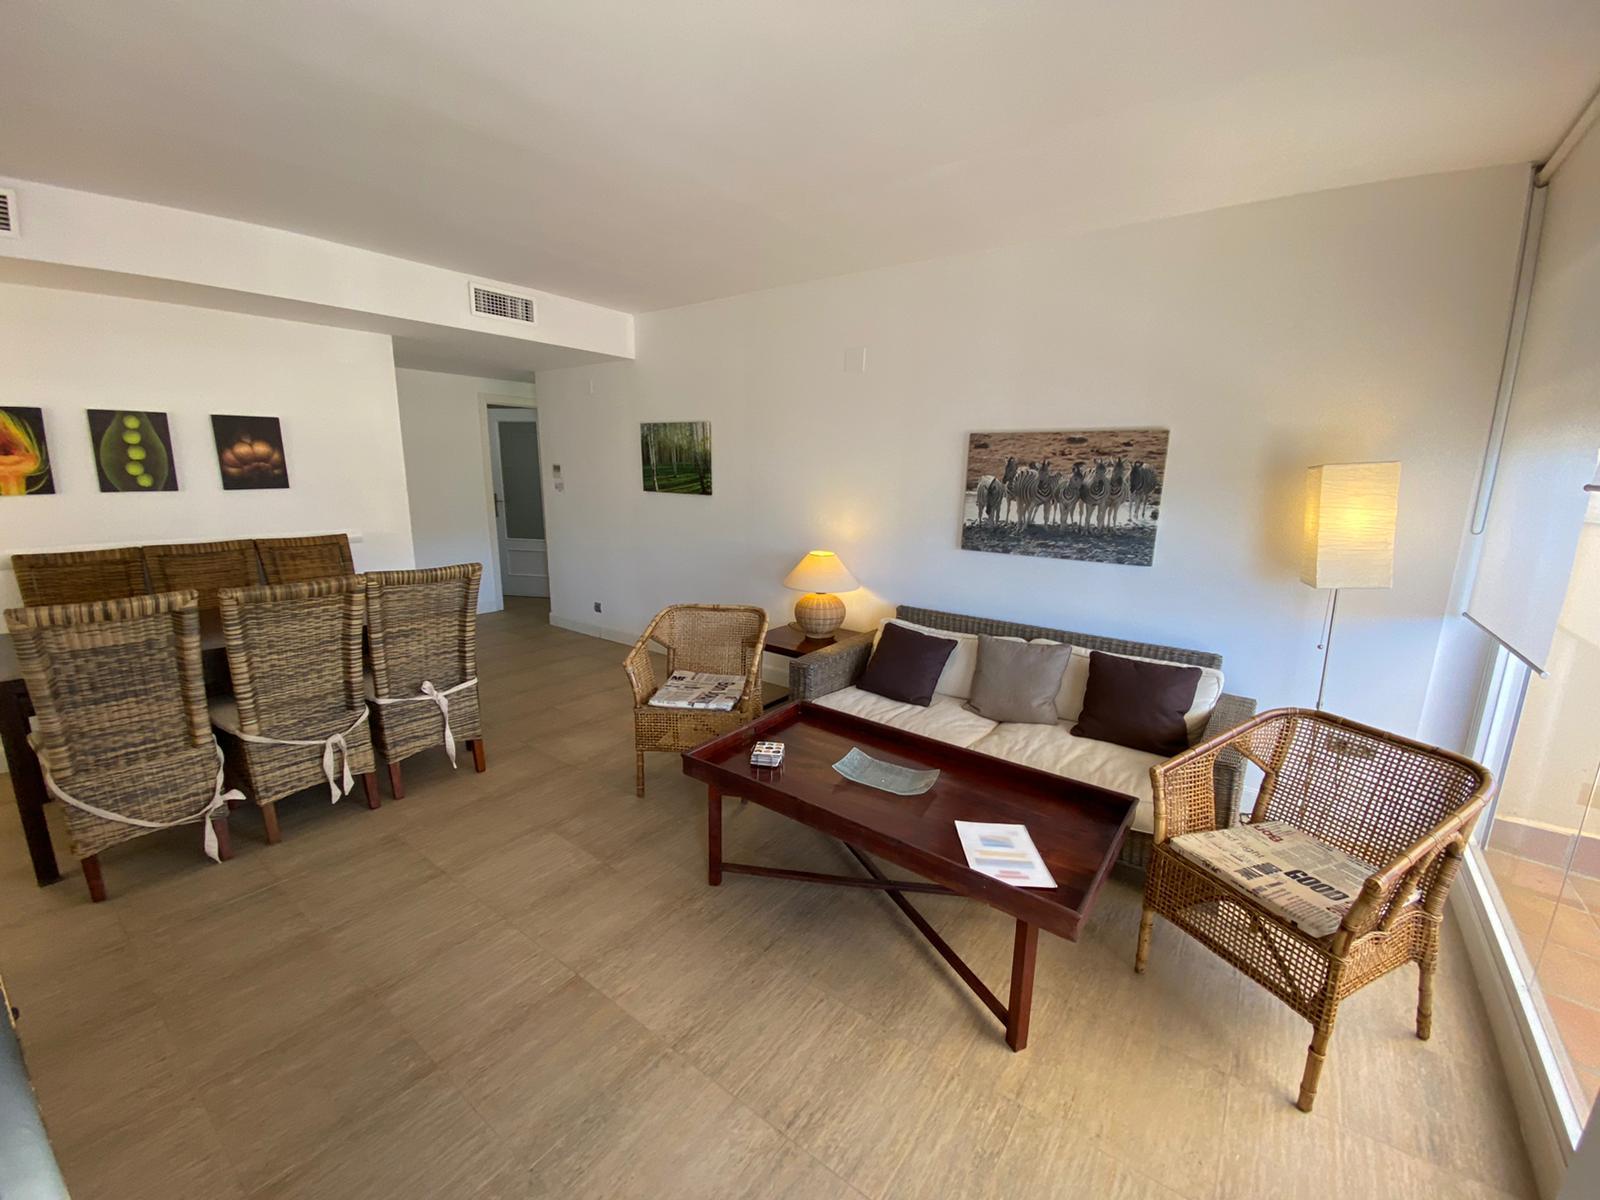 Imagen 1 del Apartamento Turístico, Ático 6 Poniente (3d+2b), Punta del Moral (HUELVA), Paseo de la Cruz nº22